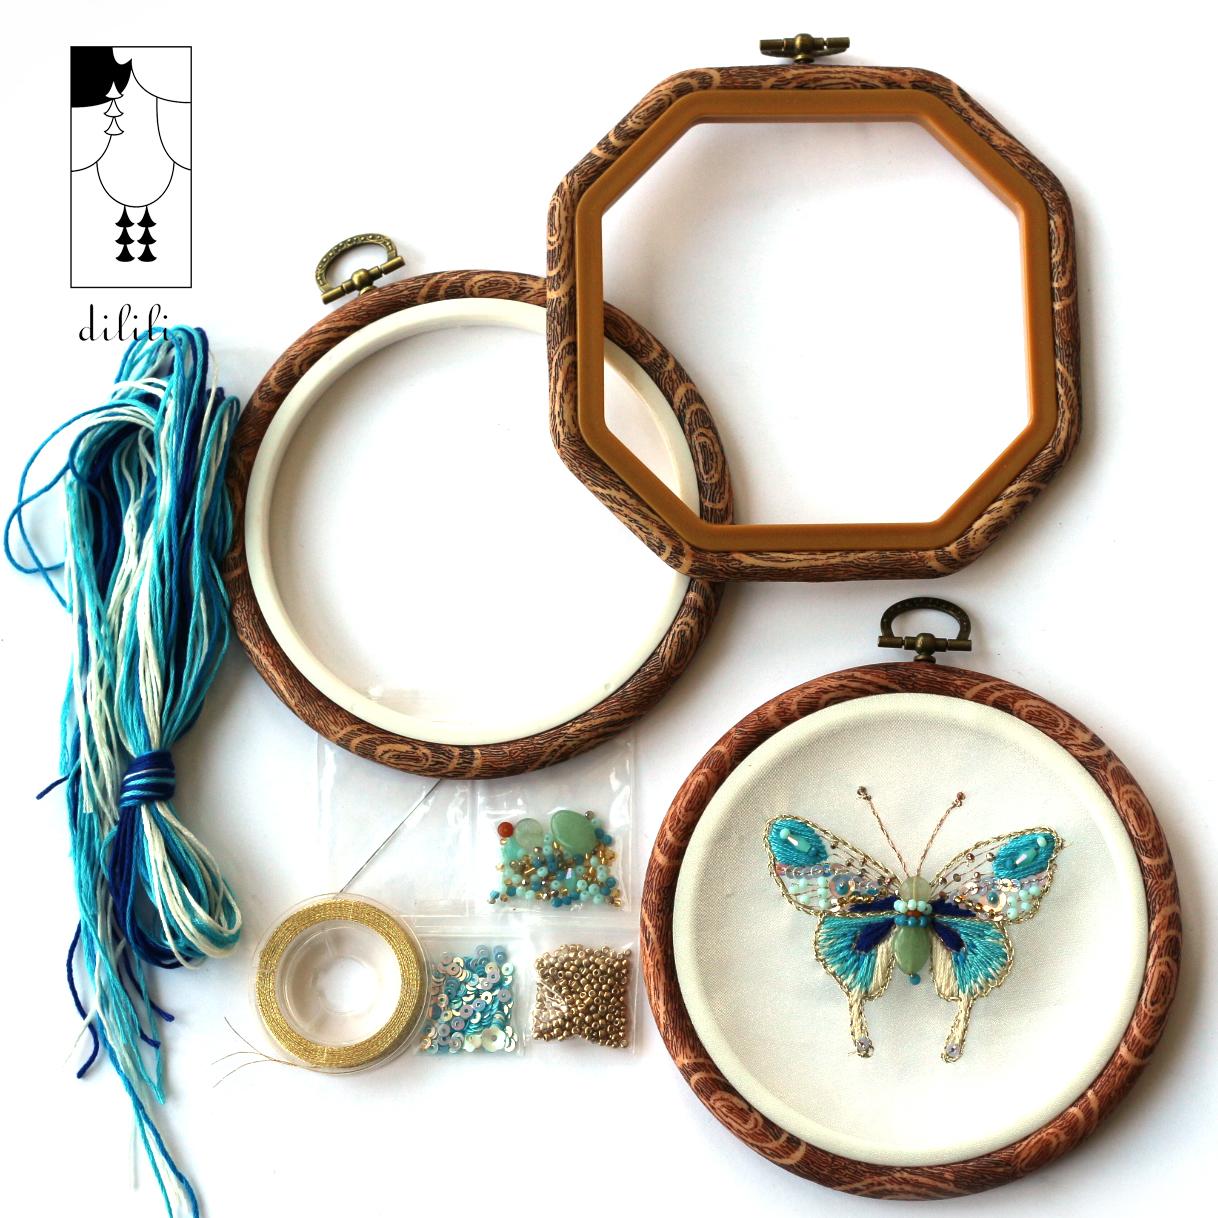 Стебель Lili оригинал домой декоративный DIY украшенный бусами синяя бабочка вышитый настенный стена украшения вышитый протяжение вышитый материалы